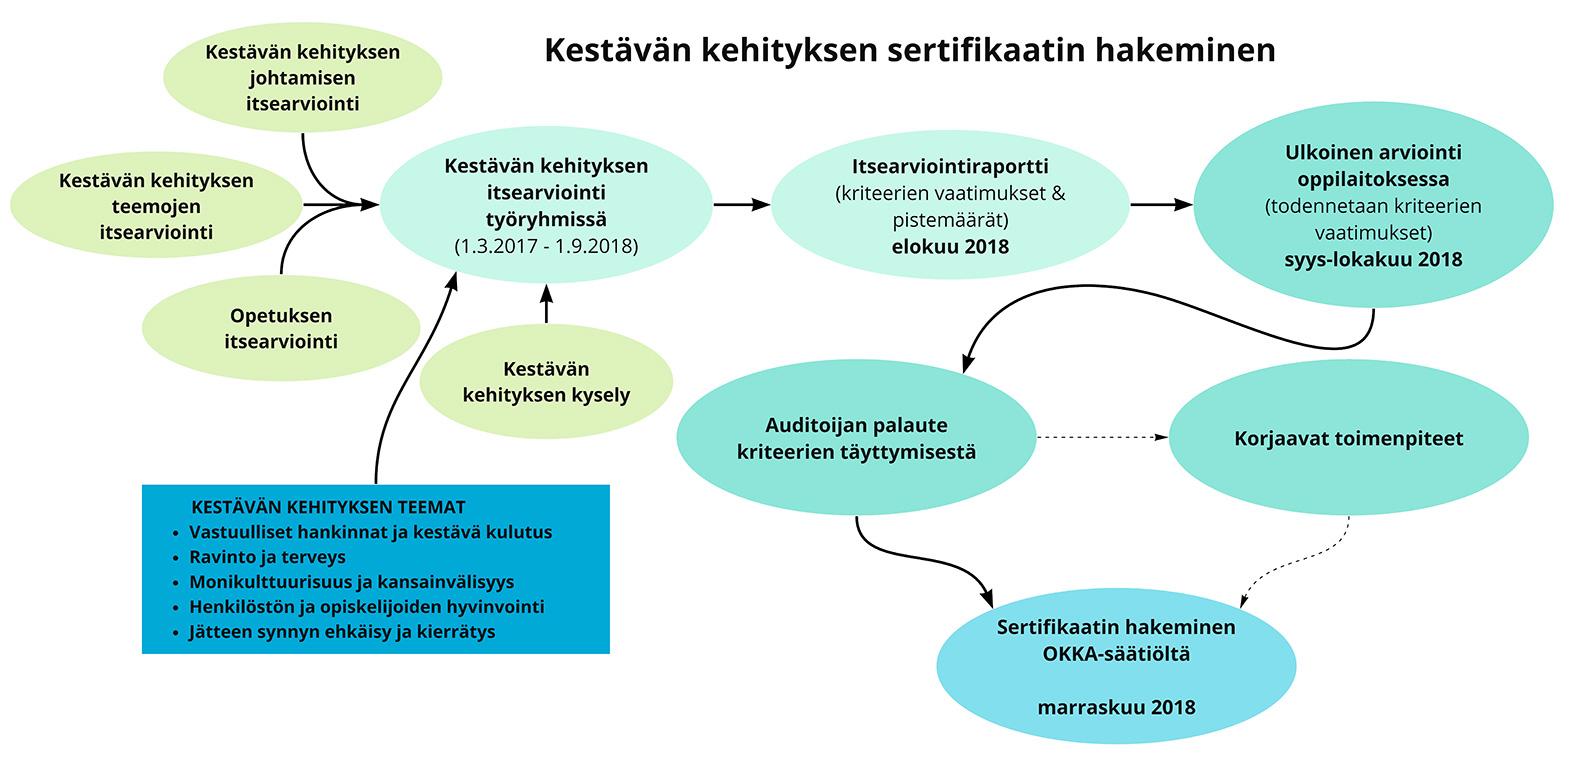 Kestävän kehityksen sertifiointi